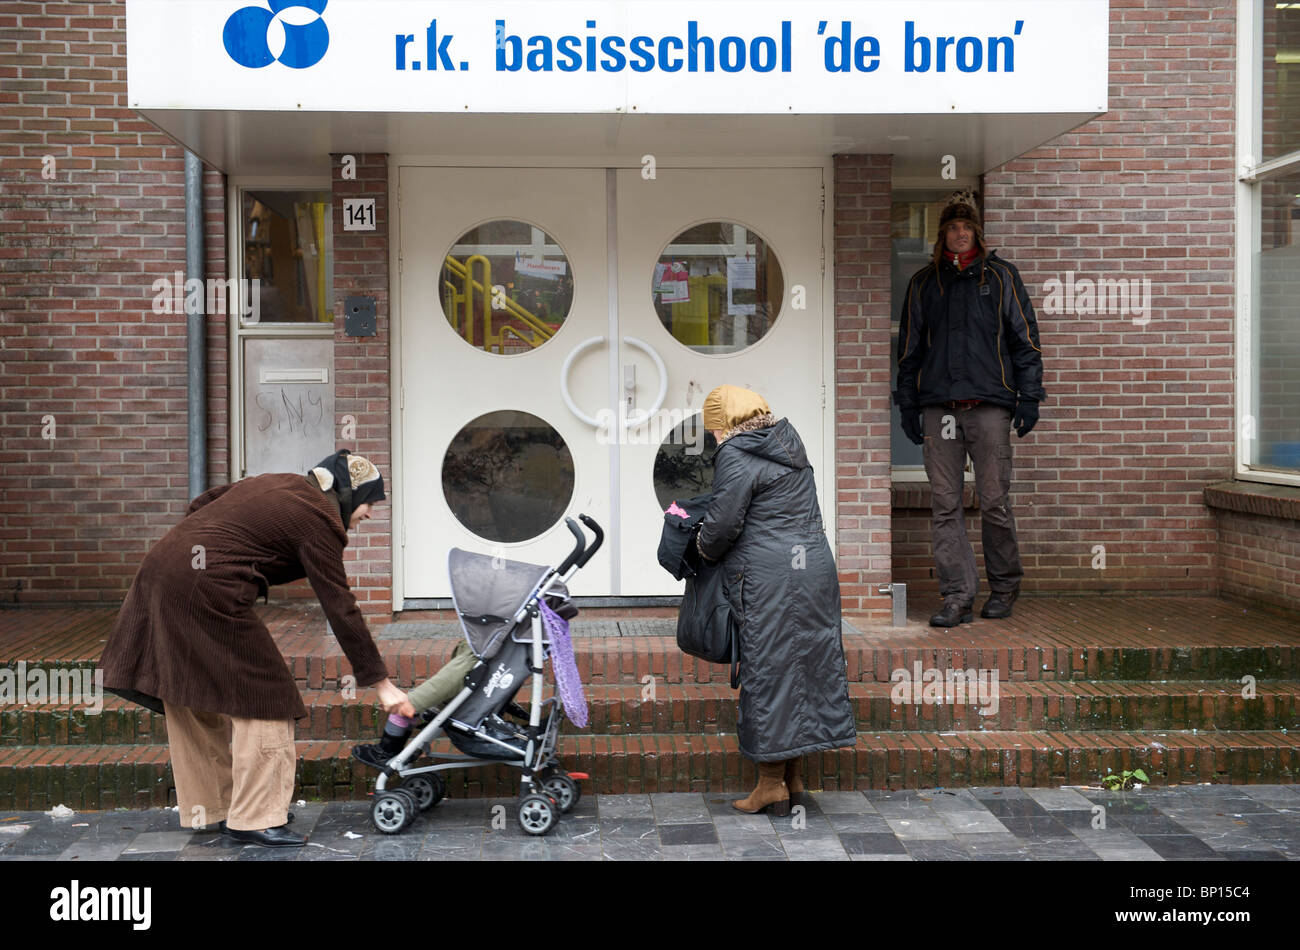 Amsterdam, oud west, moslima's wachten op hun kinderen bij de RK basisschool de bron Stock Photo